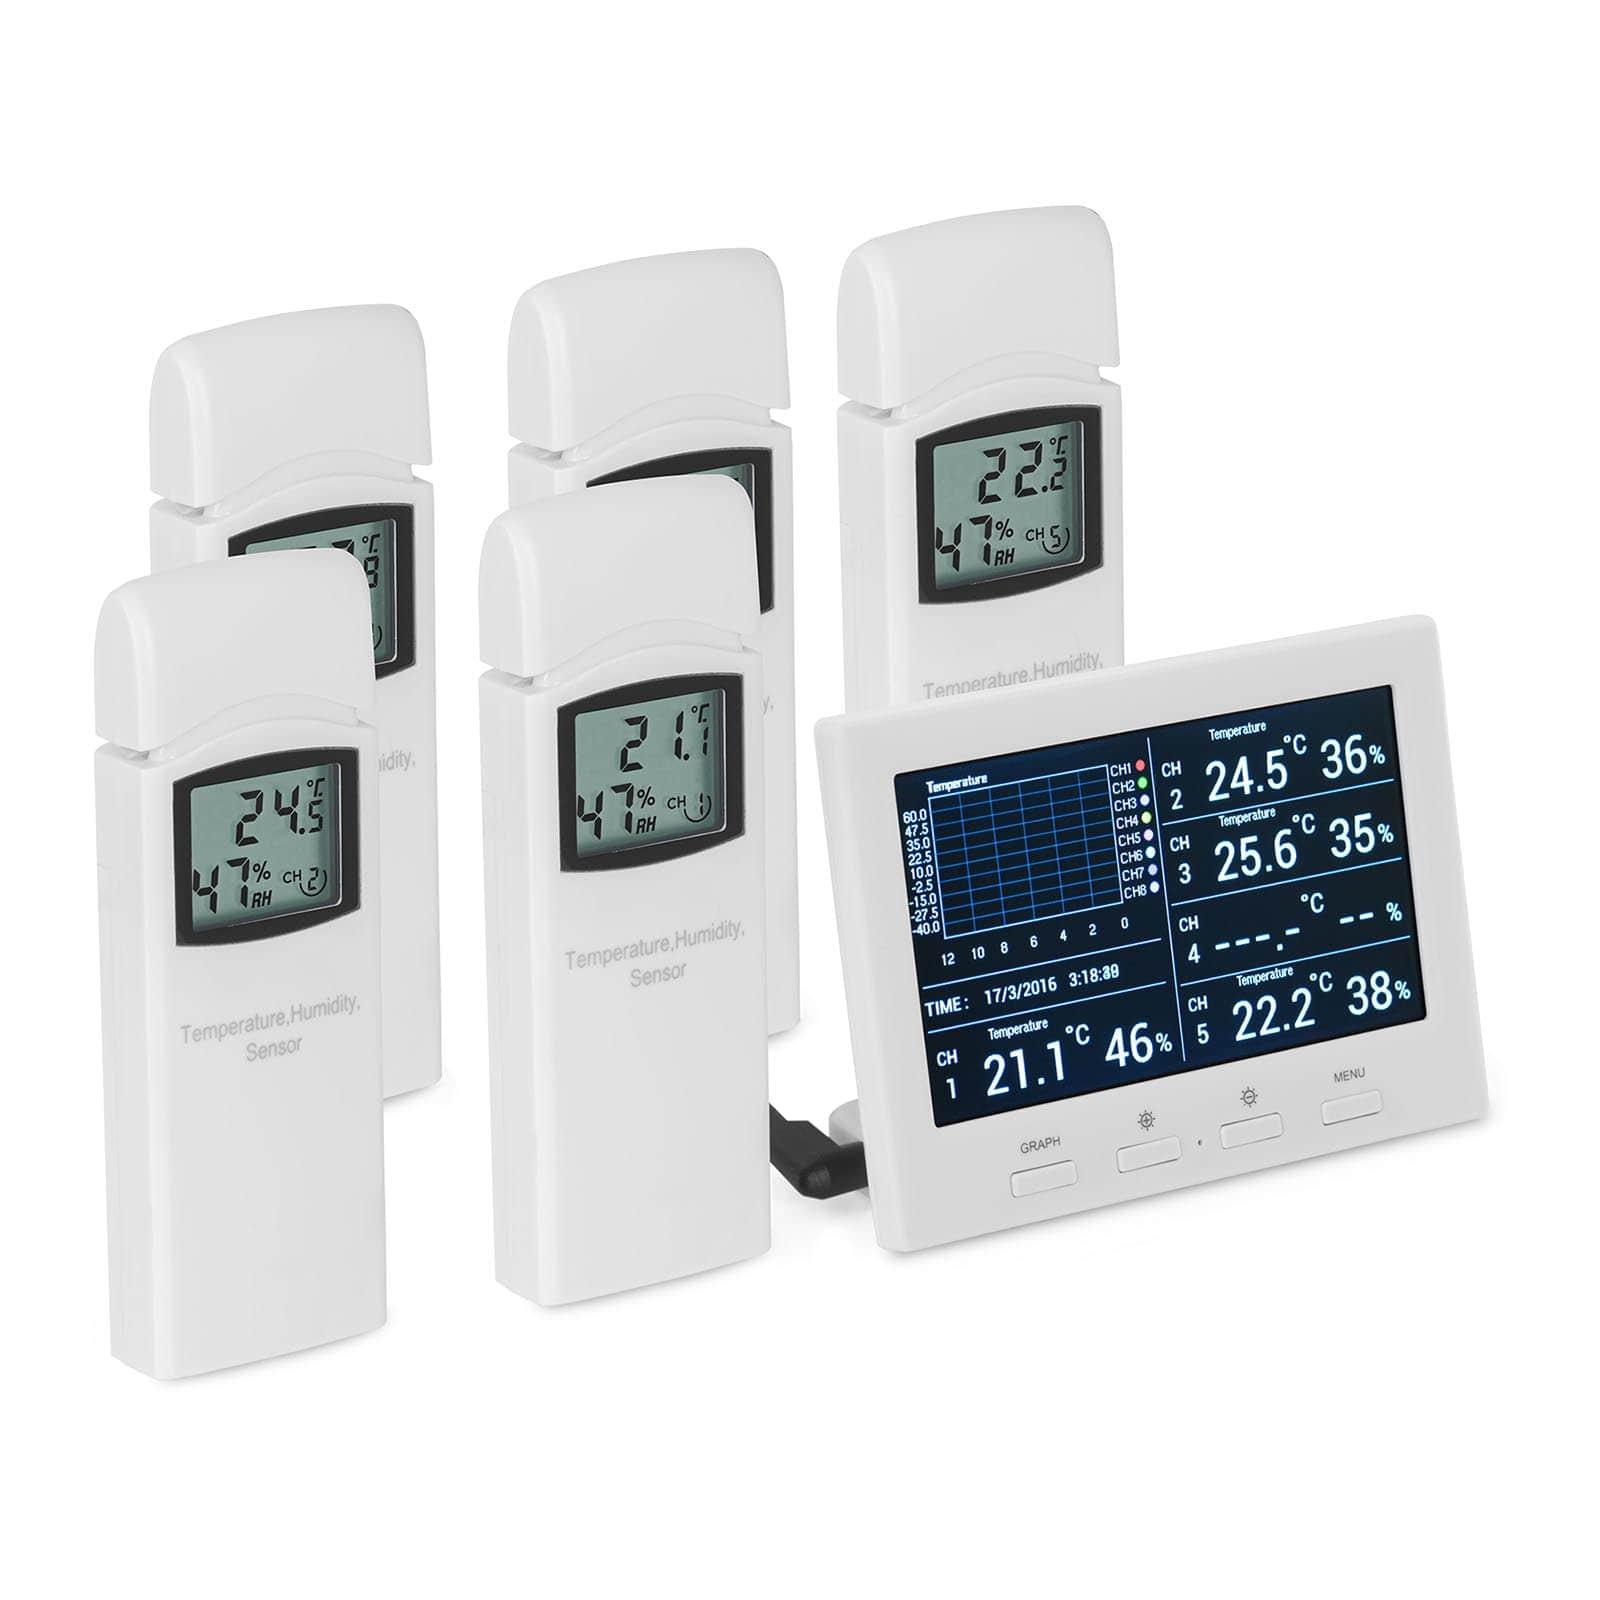 Data logger per temperatura e umidità